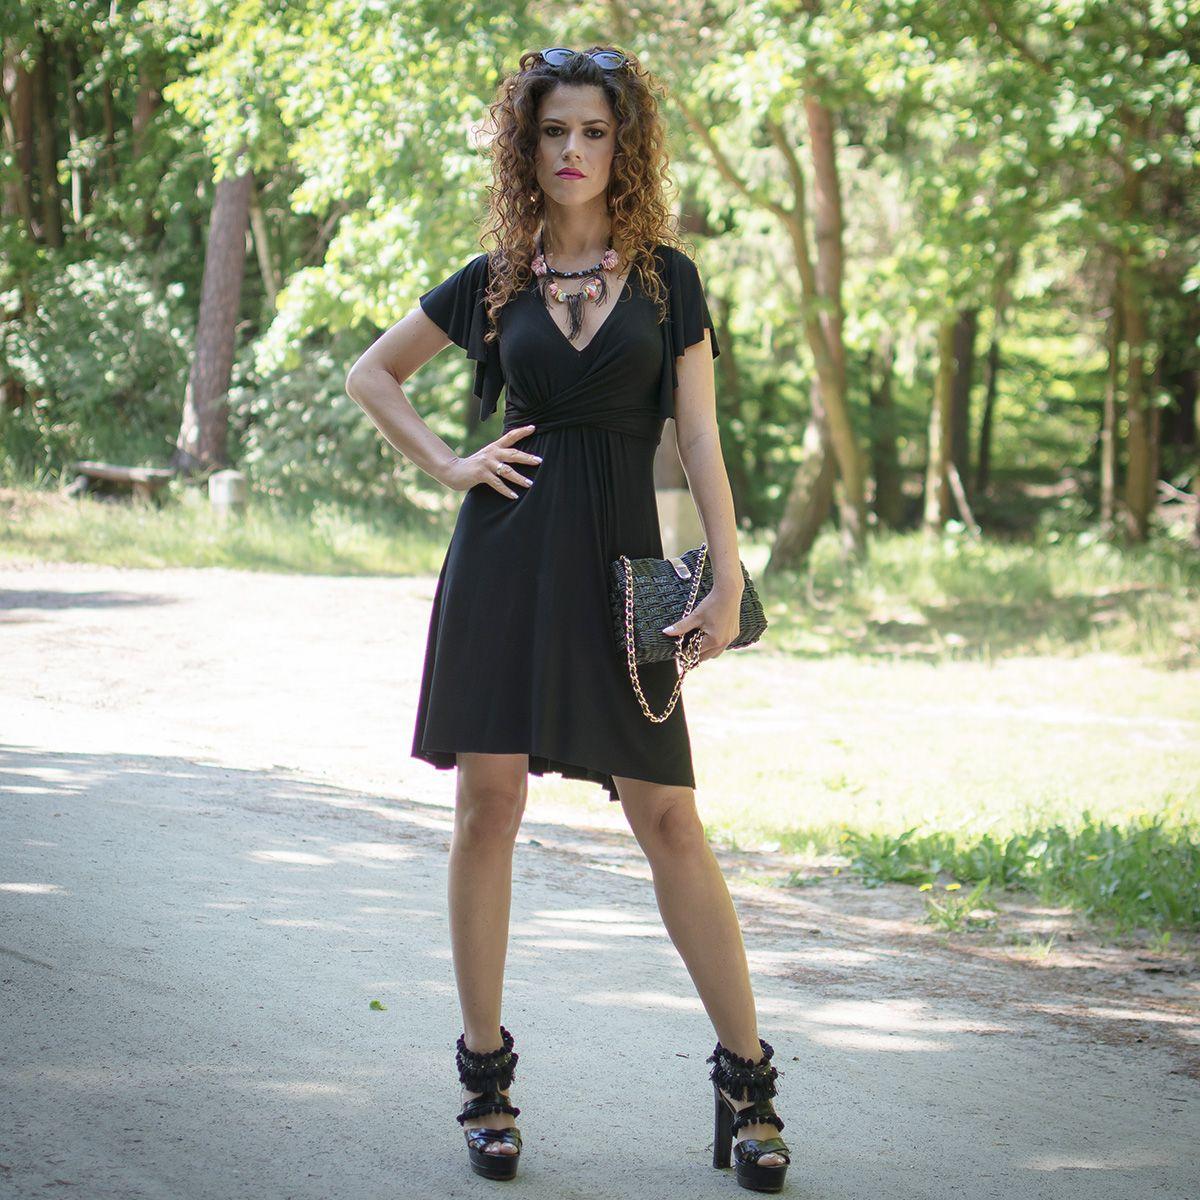 5907e71e5f Sukienka której fason modeluje sylwetkę w kształt klepsydry. Projektant -  Milita Nikonorov  sukienki